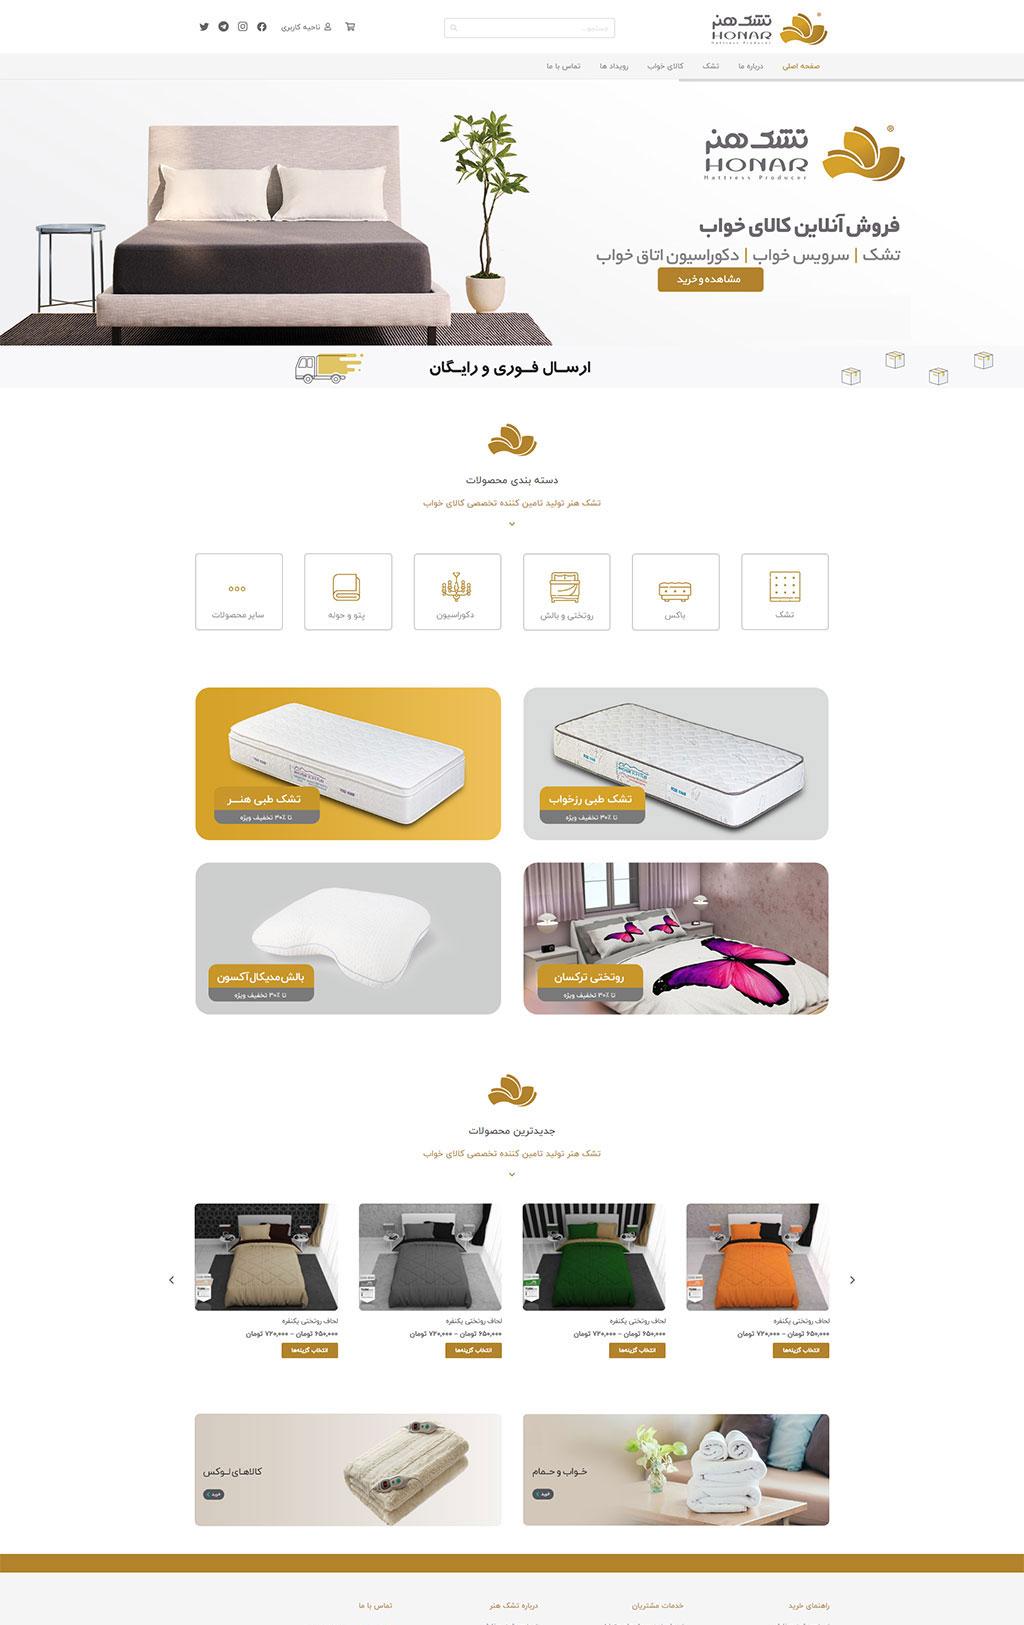 وب سایت فروشگاهی کالای خواب